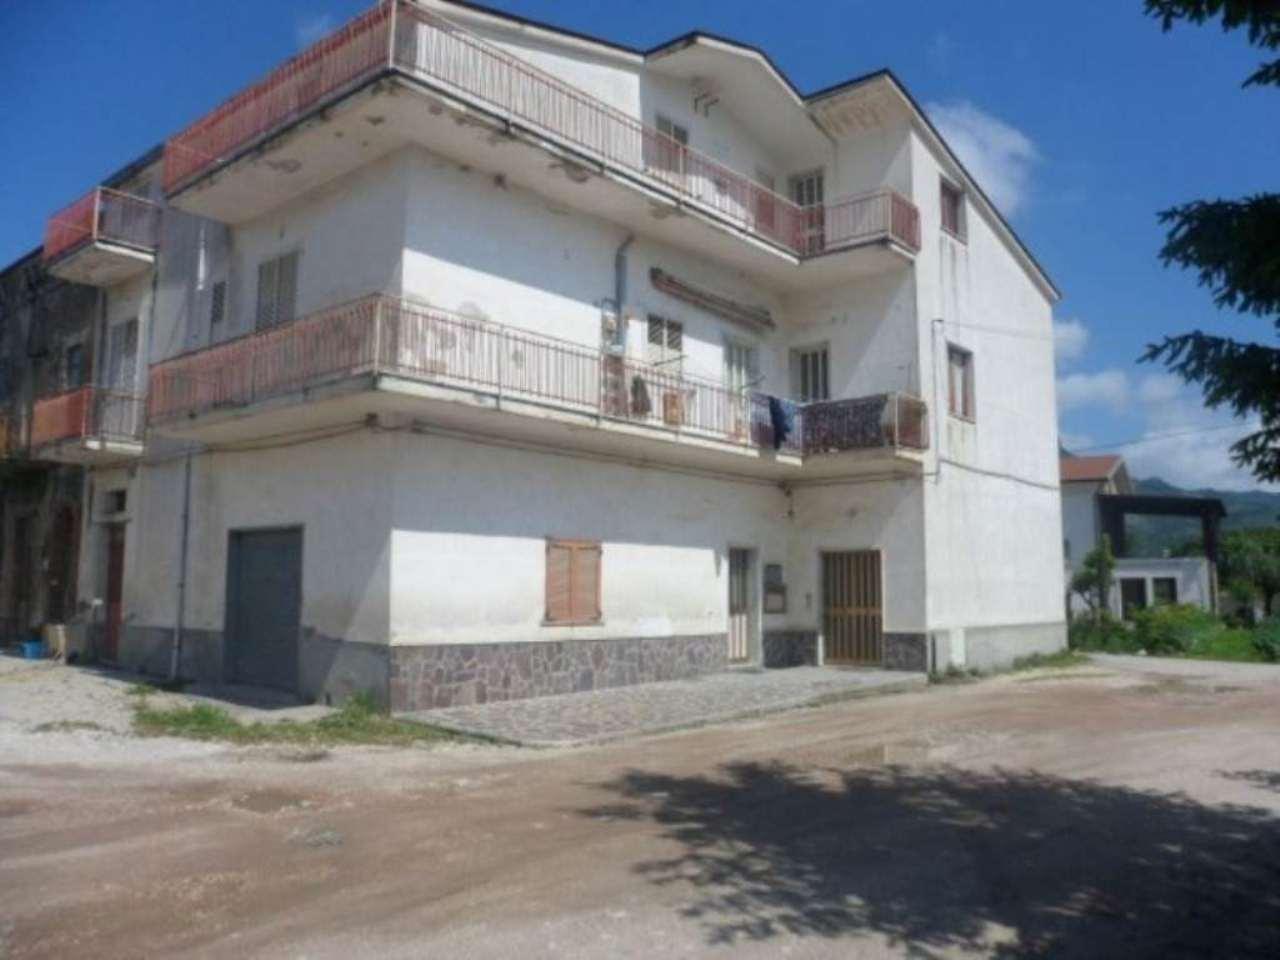 Soluzione Indipendente in vendita a Montesarchio, 6 locali, prezzo € 180.000 | CambioCasa.it